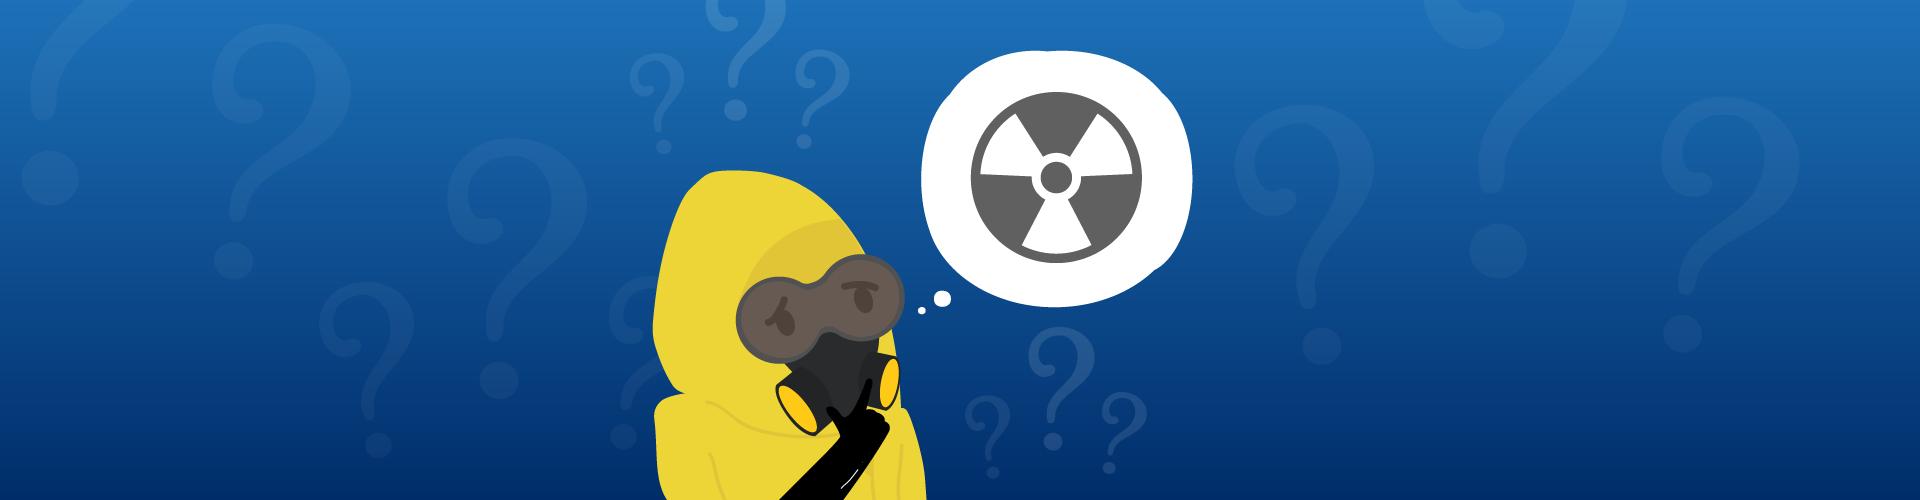 Radiação – Entenda de uma vez por todas